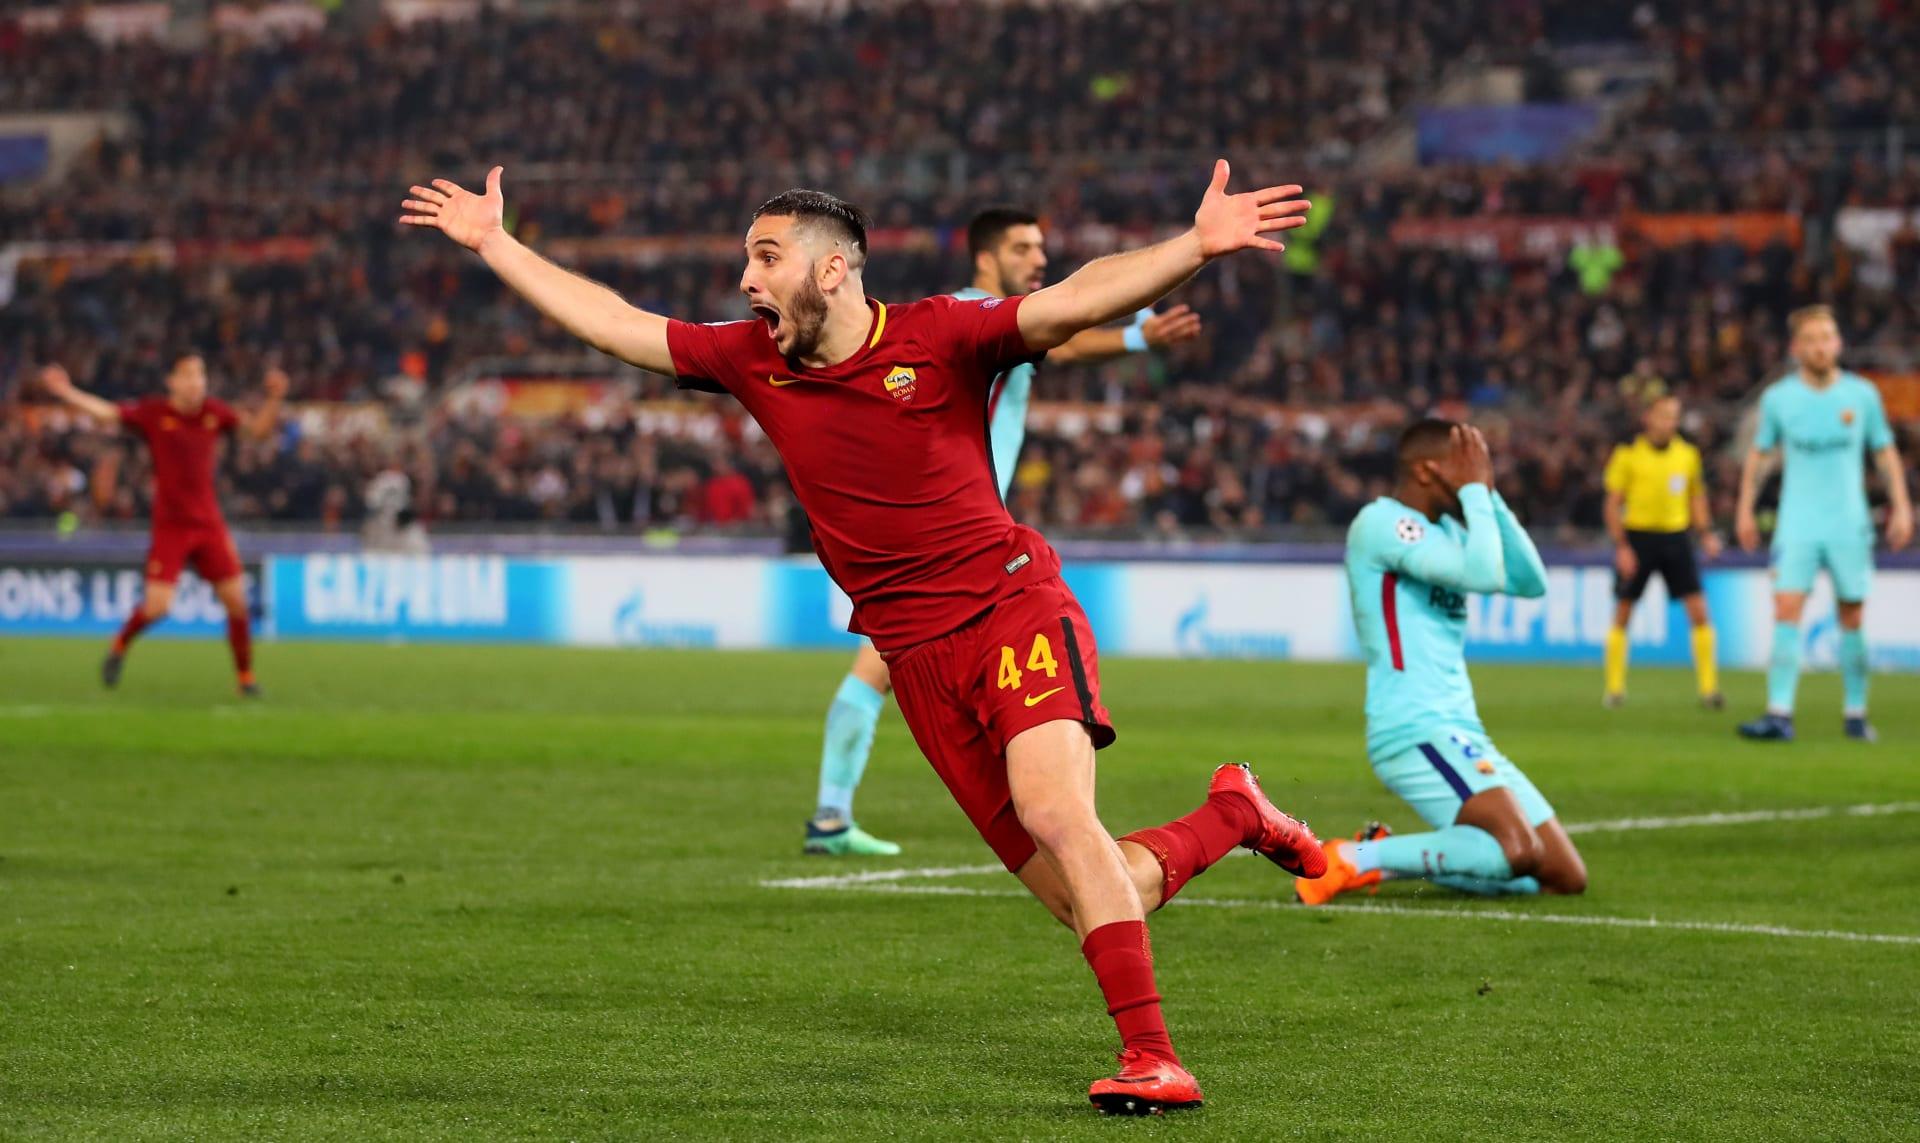 """ثورة روما تقصي برشلونة """"اليائس"""" وليفربول يعبر عقبة السيتي"""